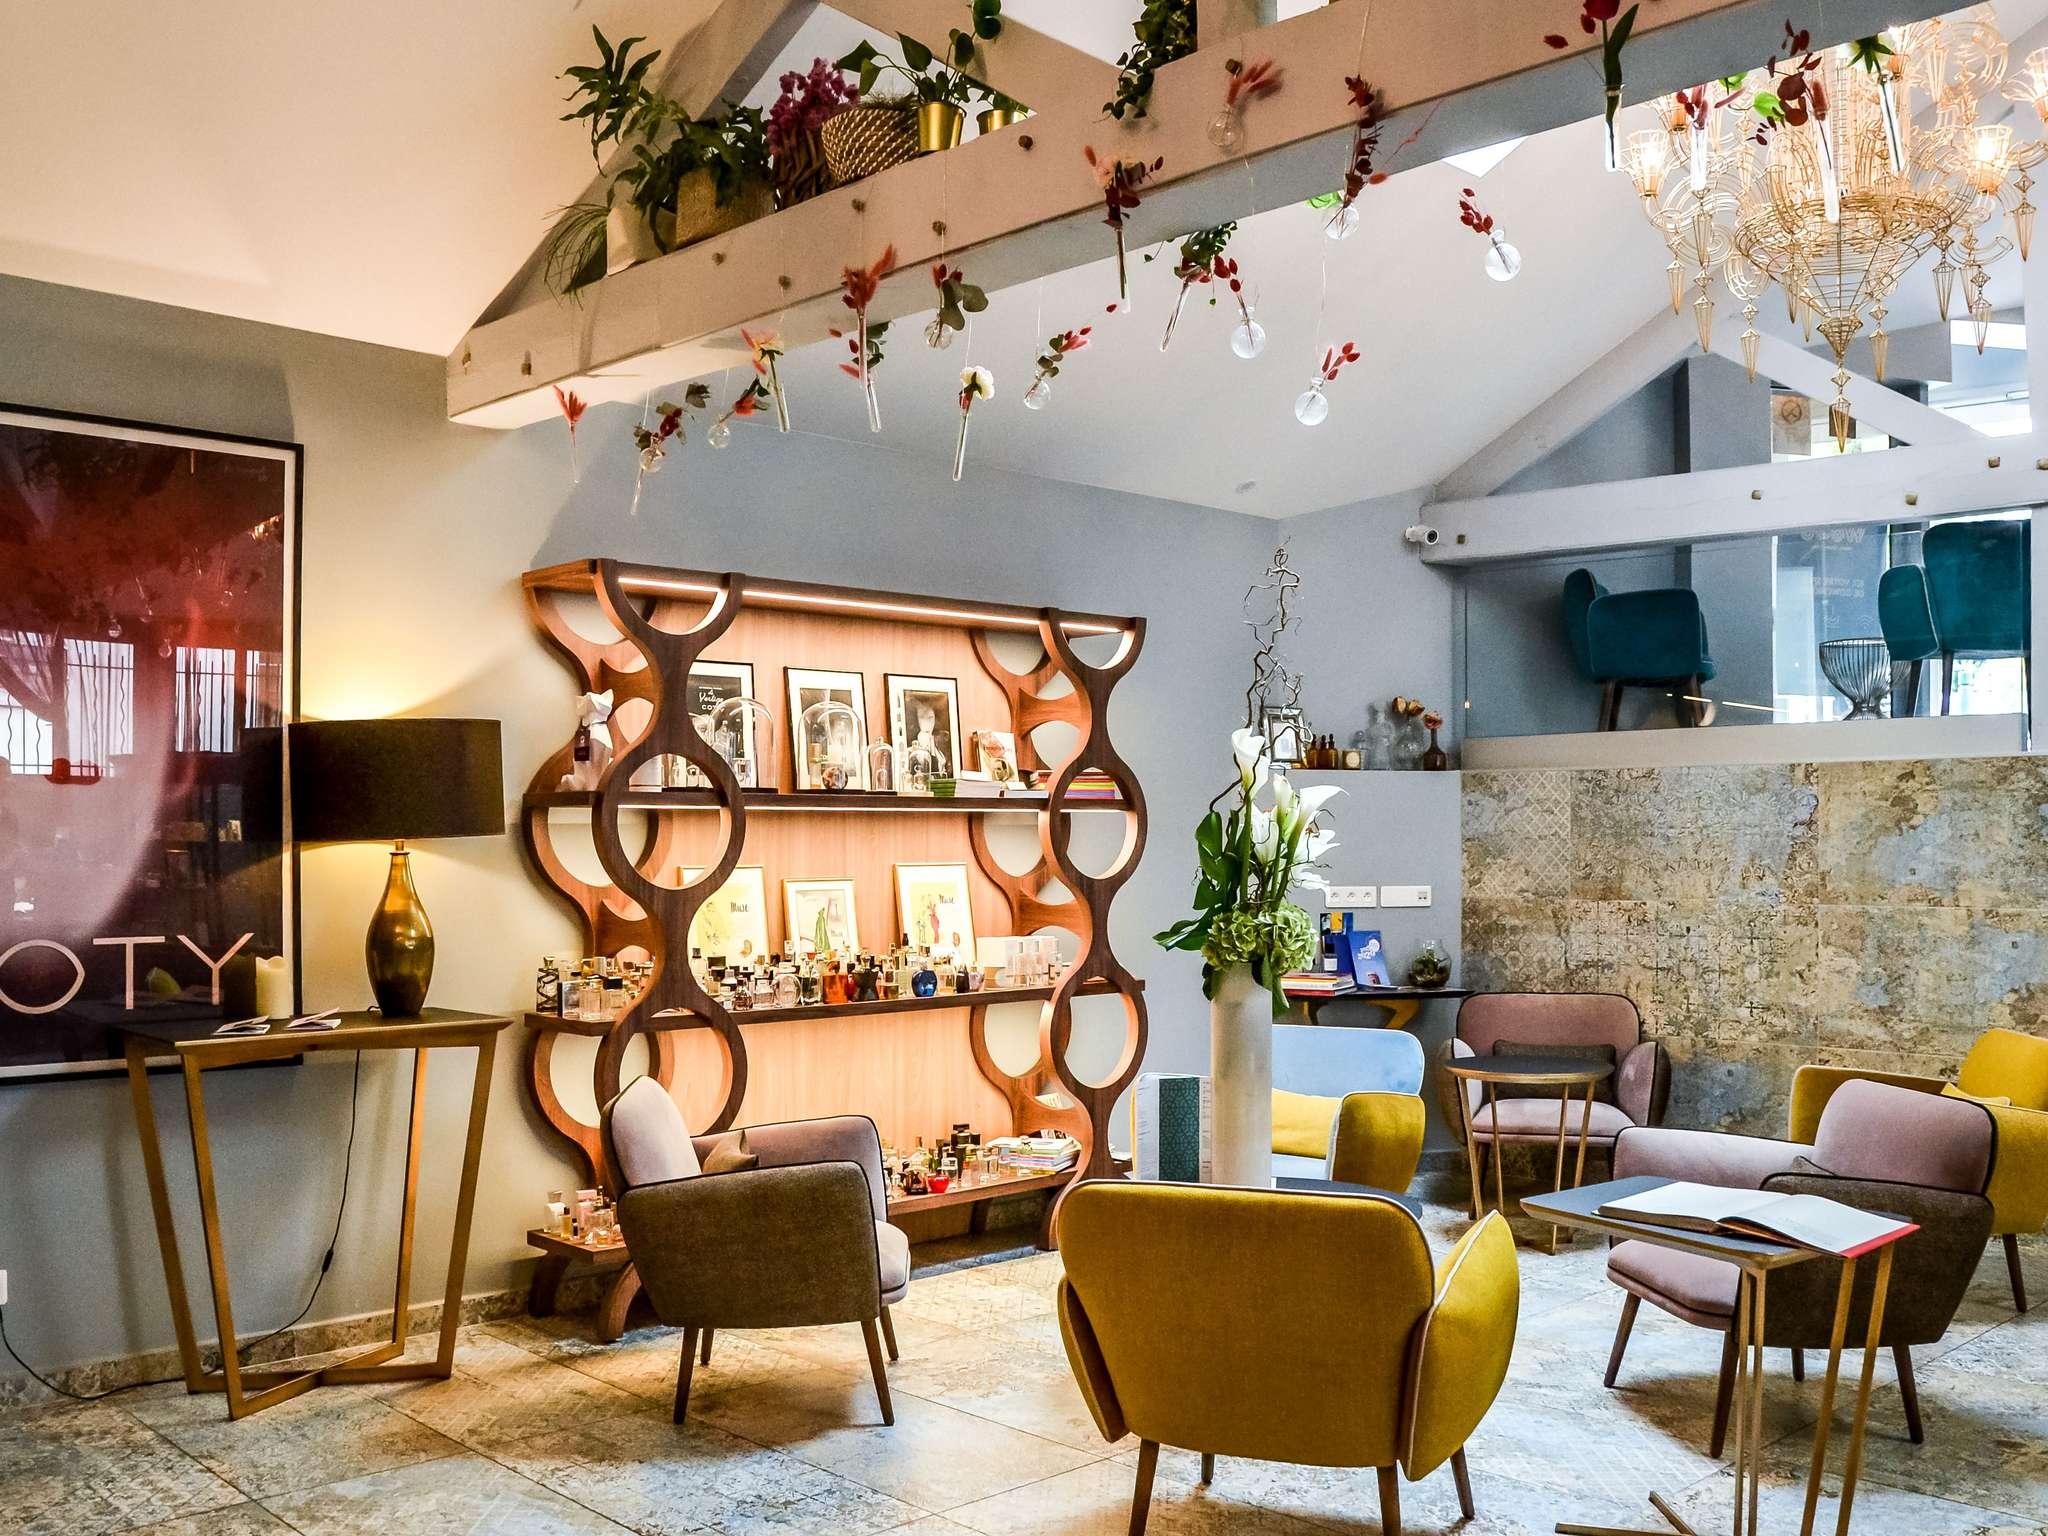 ホテル – メルキュール パリ シュレーヌ ロンシャン ホテル